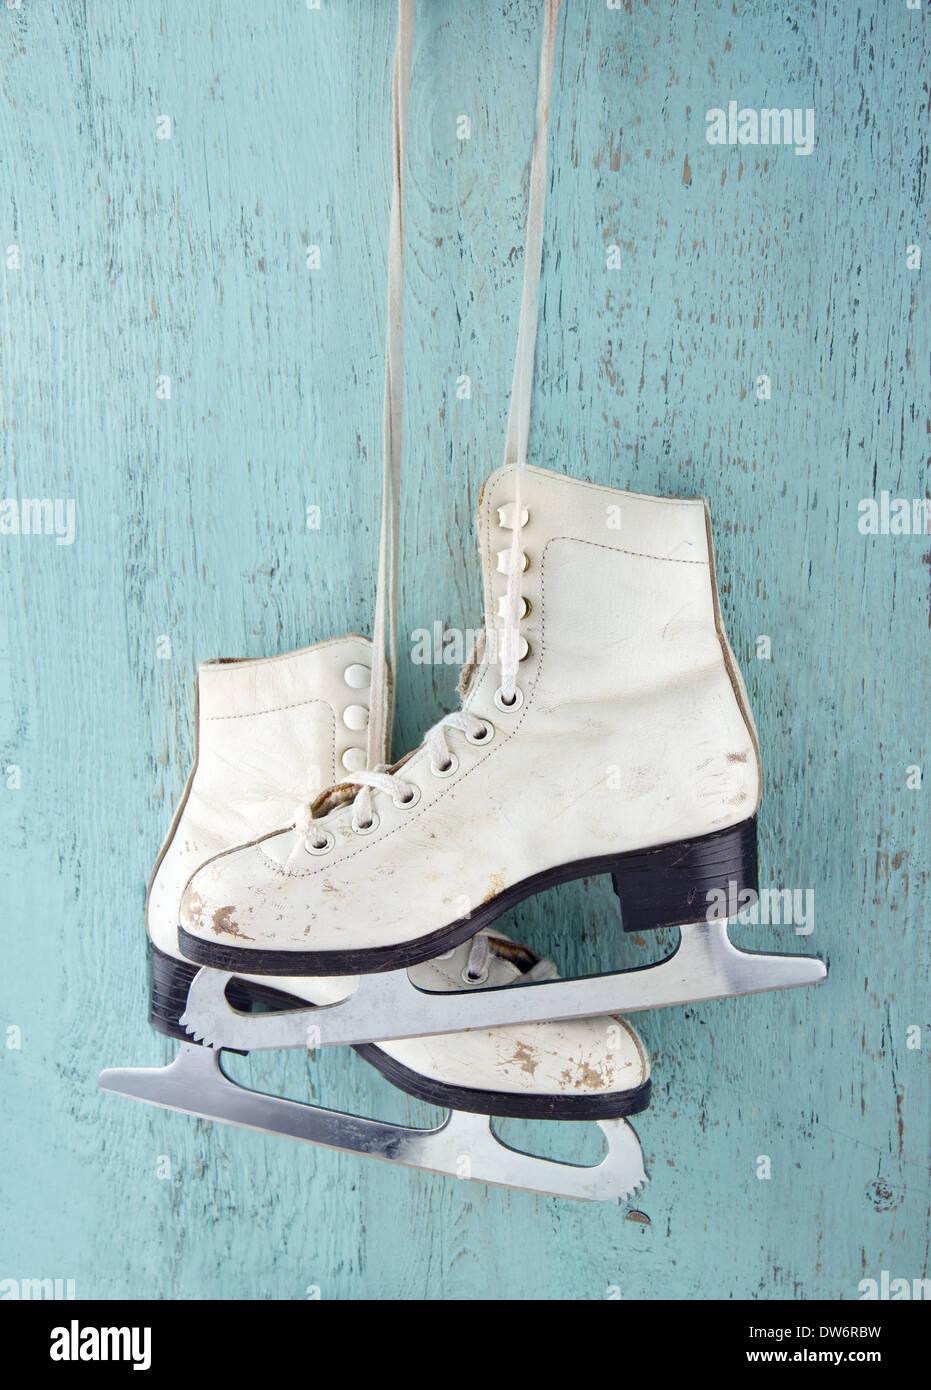 Paire de patins à glace pour femmes blanc sur bleu vintage background - féminin concept sports d'hiver Photo Stock